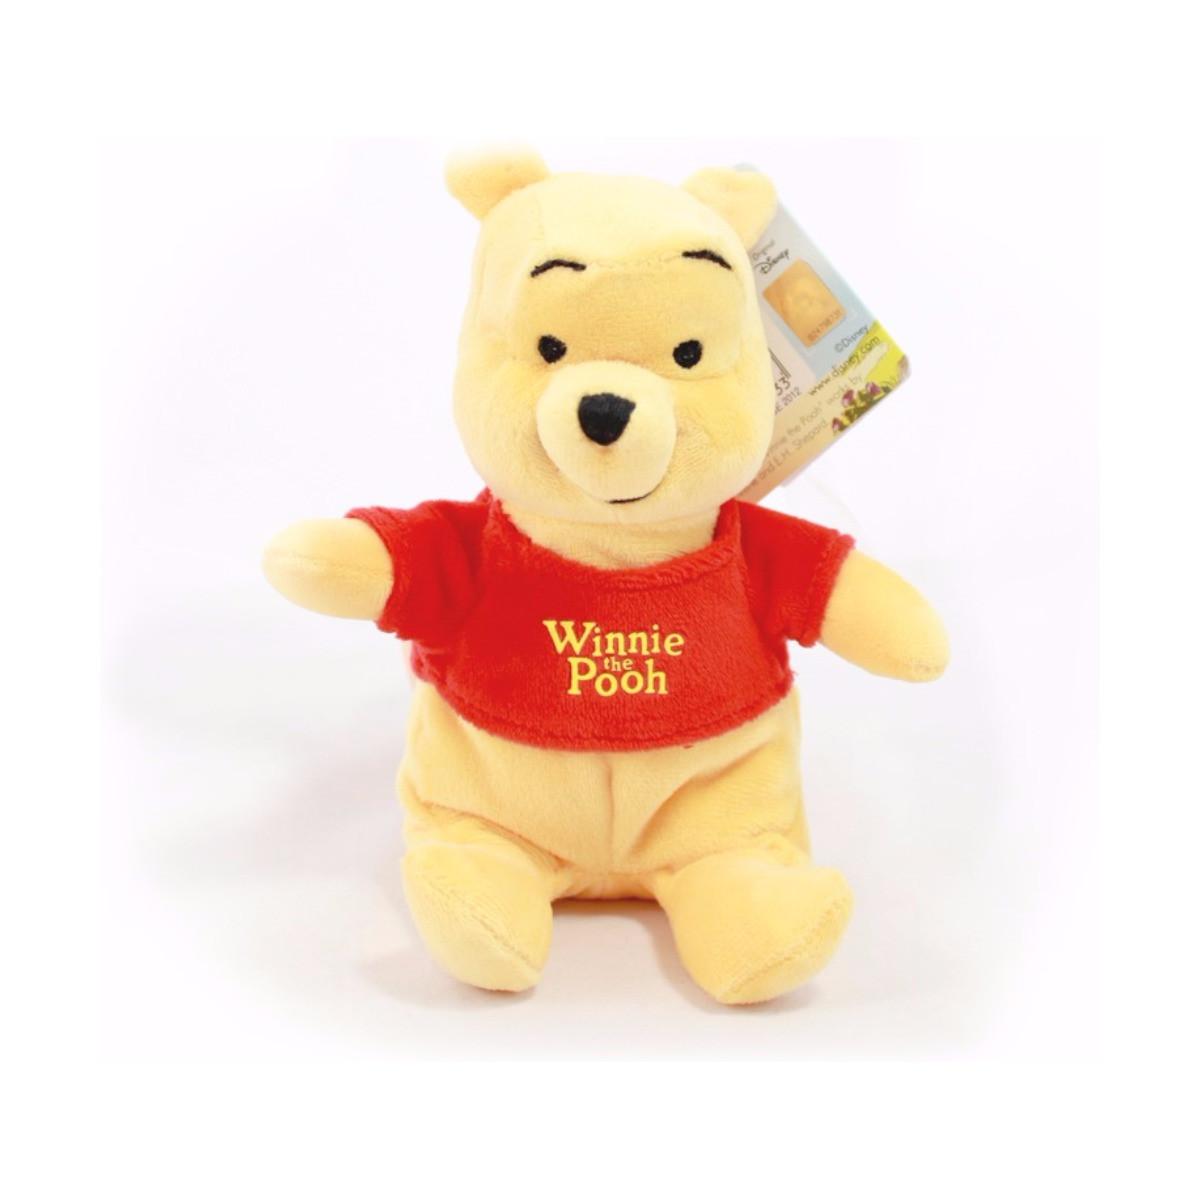 acf6168e94f5 Мягкая игрушка Винни Пух, 20 см, Disney (PDP1100035), цена 137 грн., купить  Одеса — Prom.ua (ID#617493974)